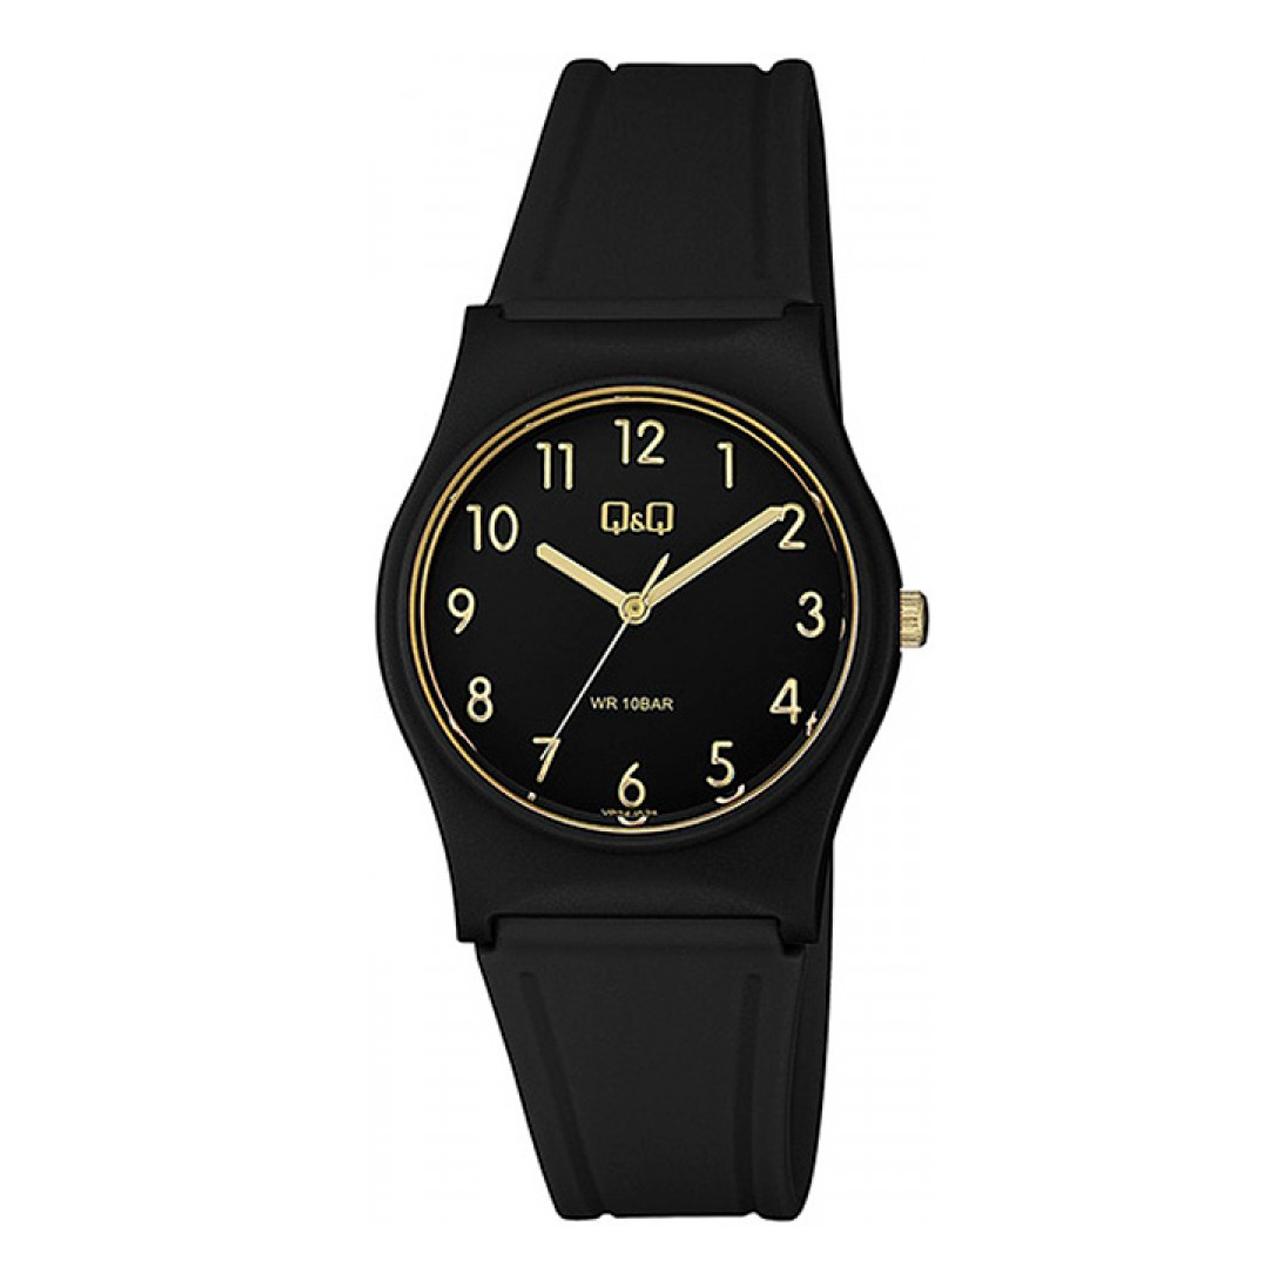 ساعت مچی عقربه ای زنانه کیو اند کیو مدل vp34j074y به همراه دستمال مخصوص کلین واچ